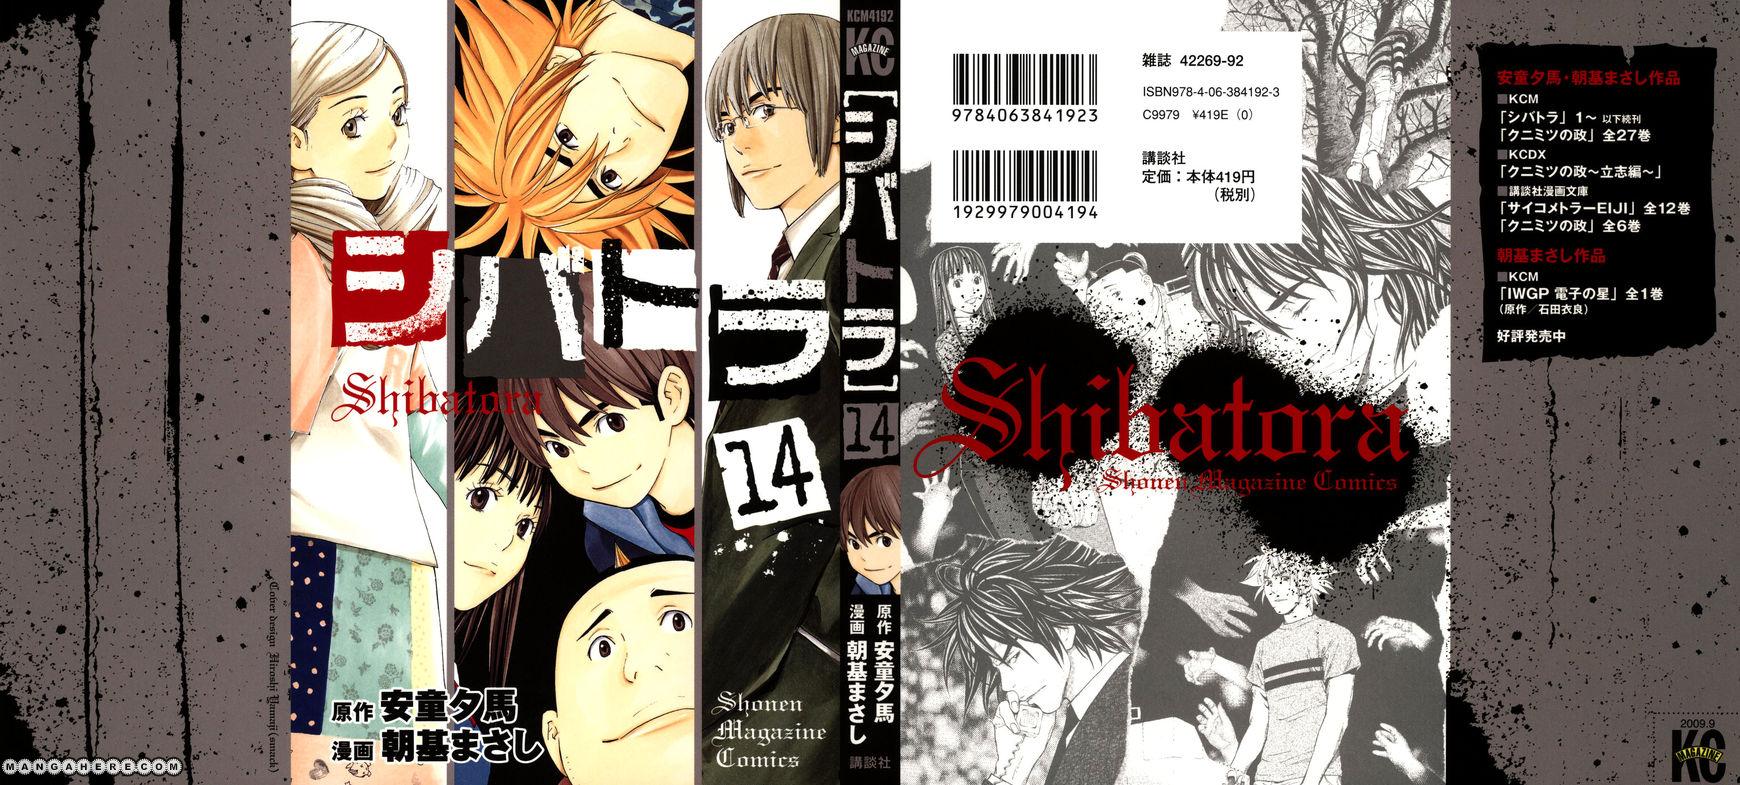 Shibatora 113 Page 1